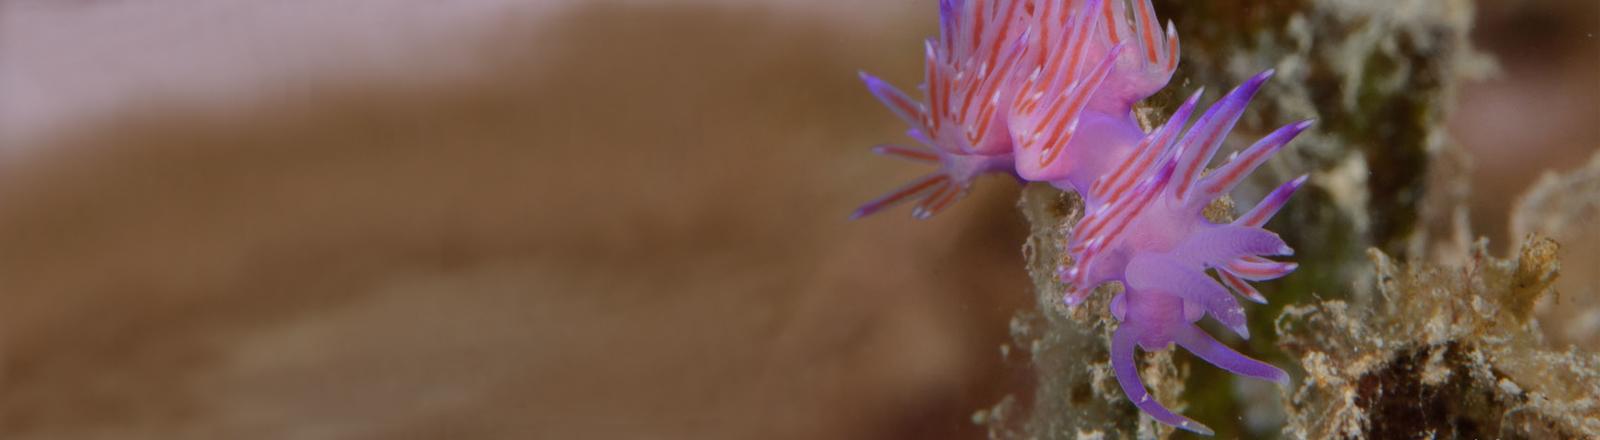 Eine Violette Fadenschnecke